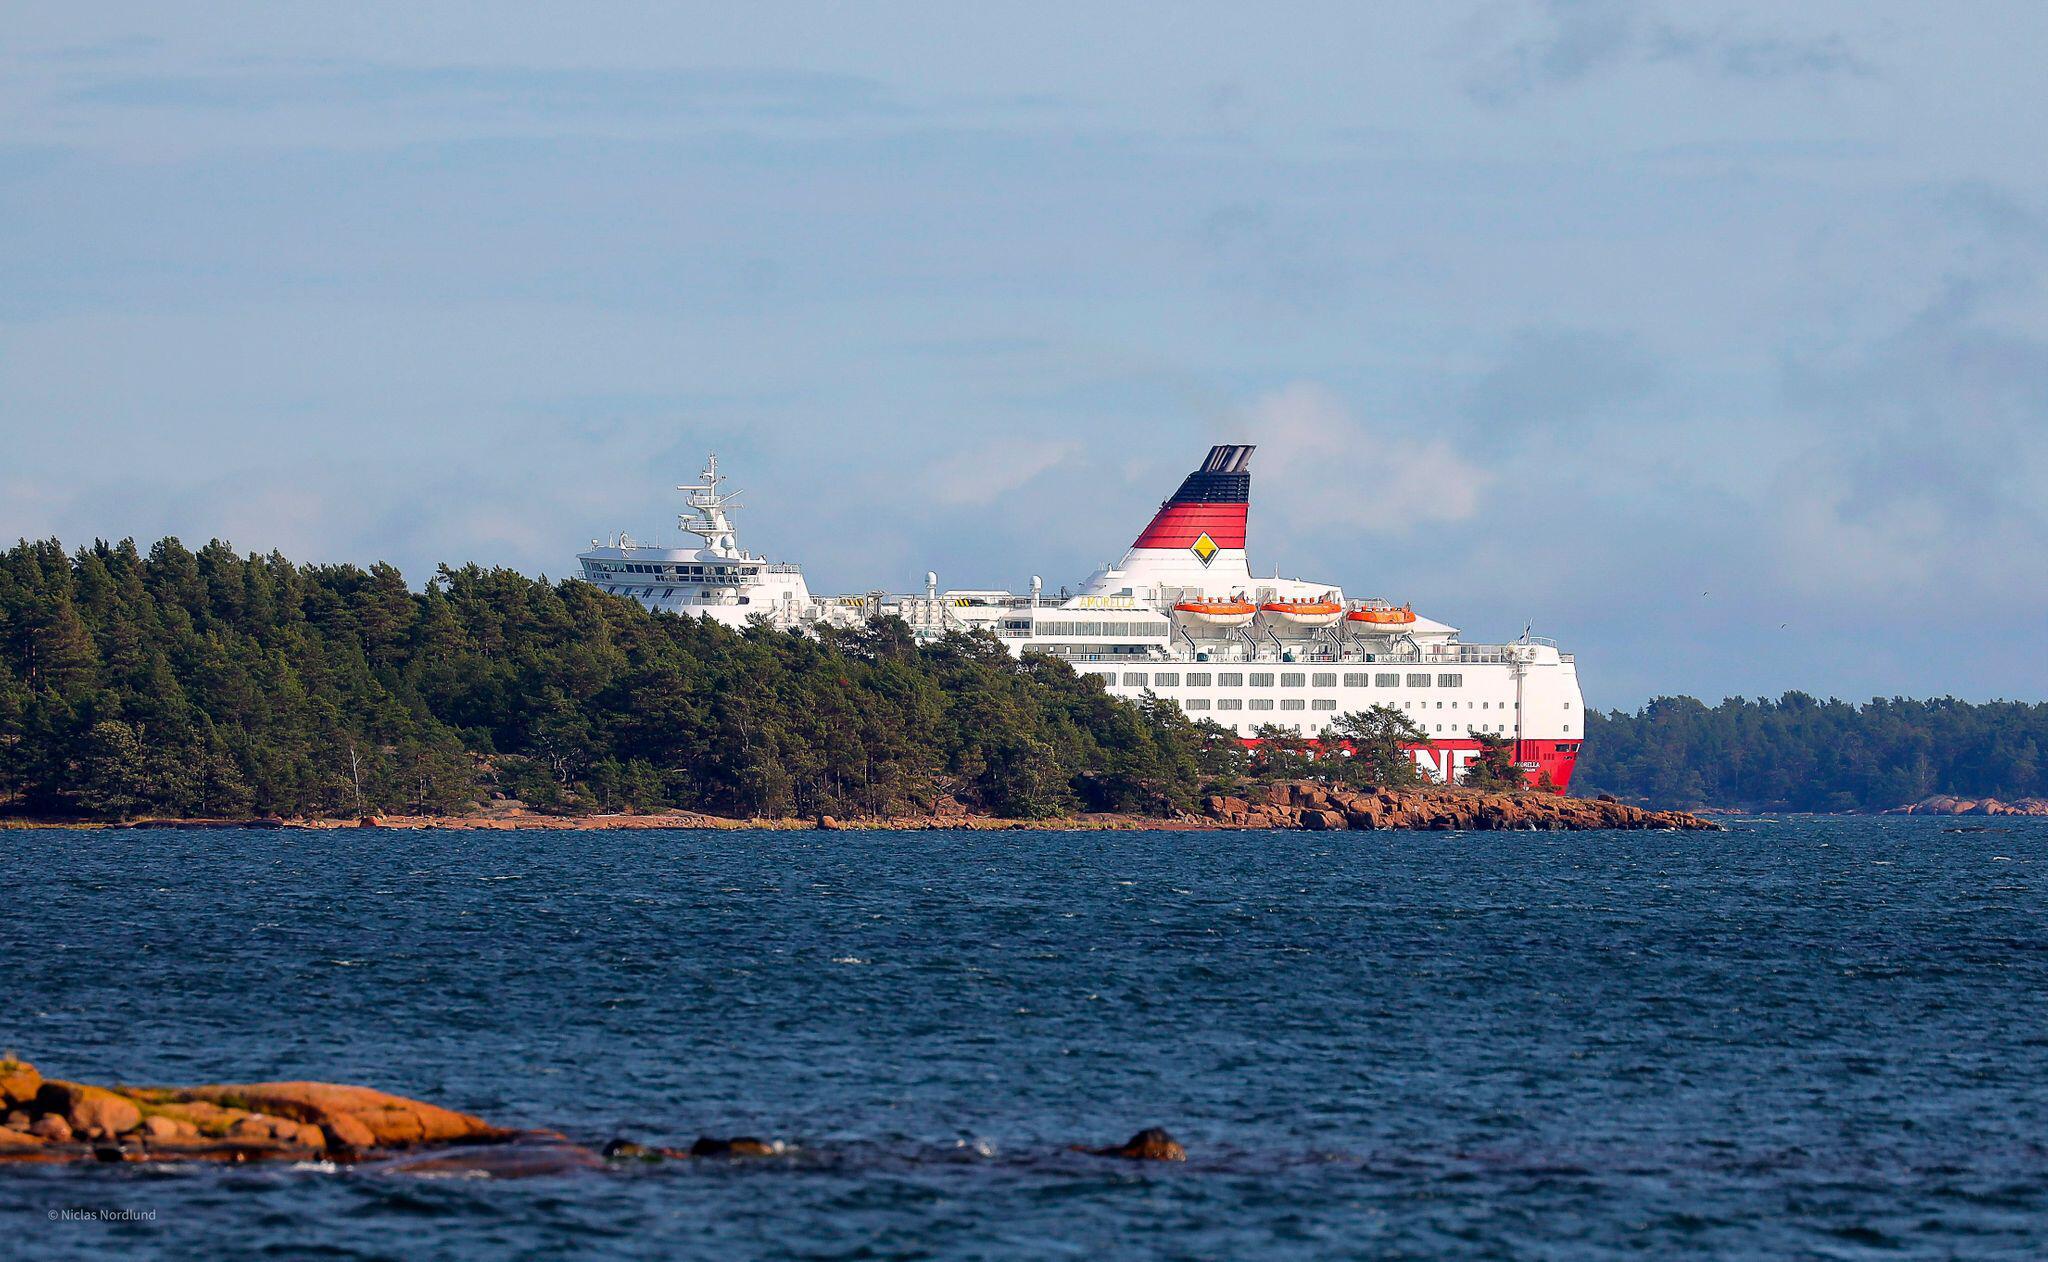 Bild zu Finnland - Fähre in der Ostsee auf Grund gelaufen